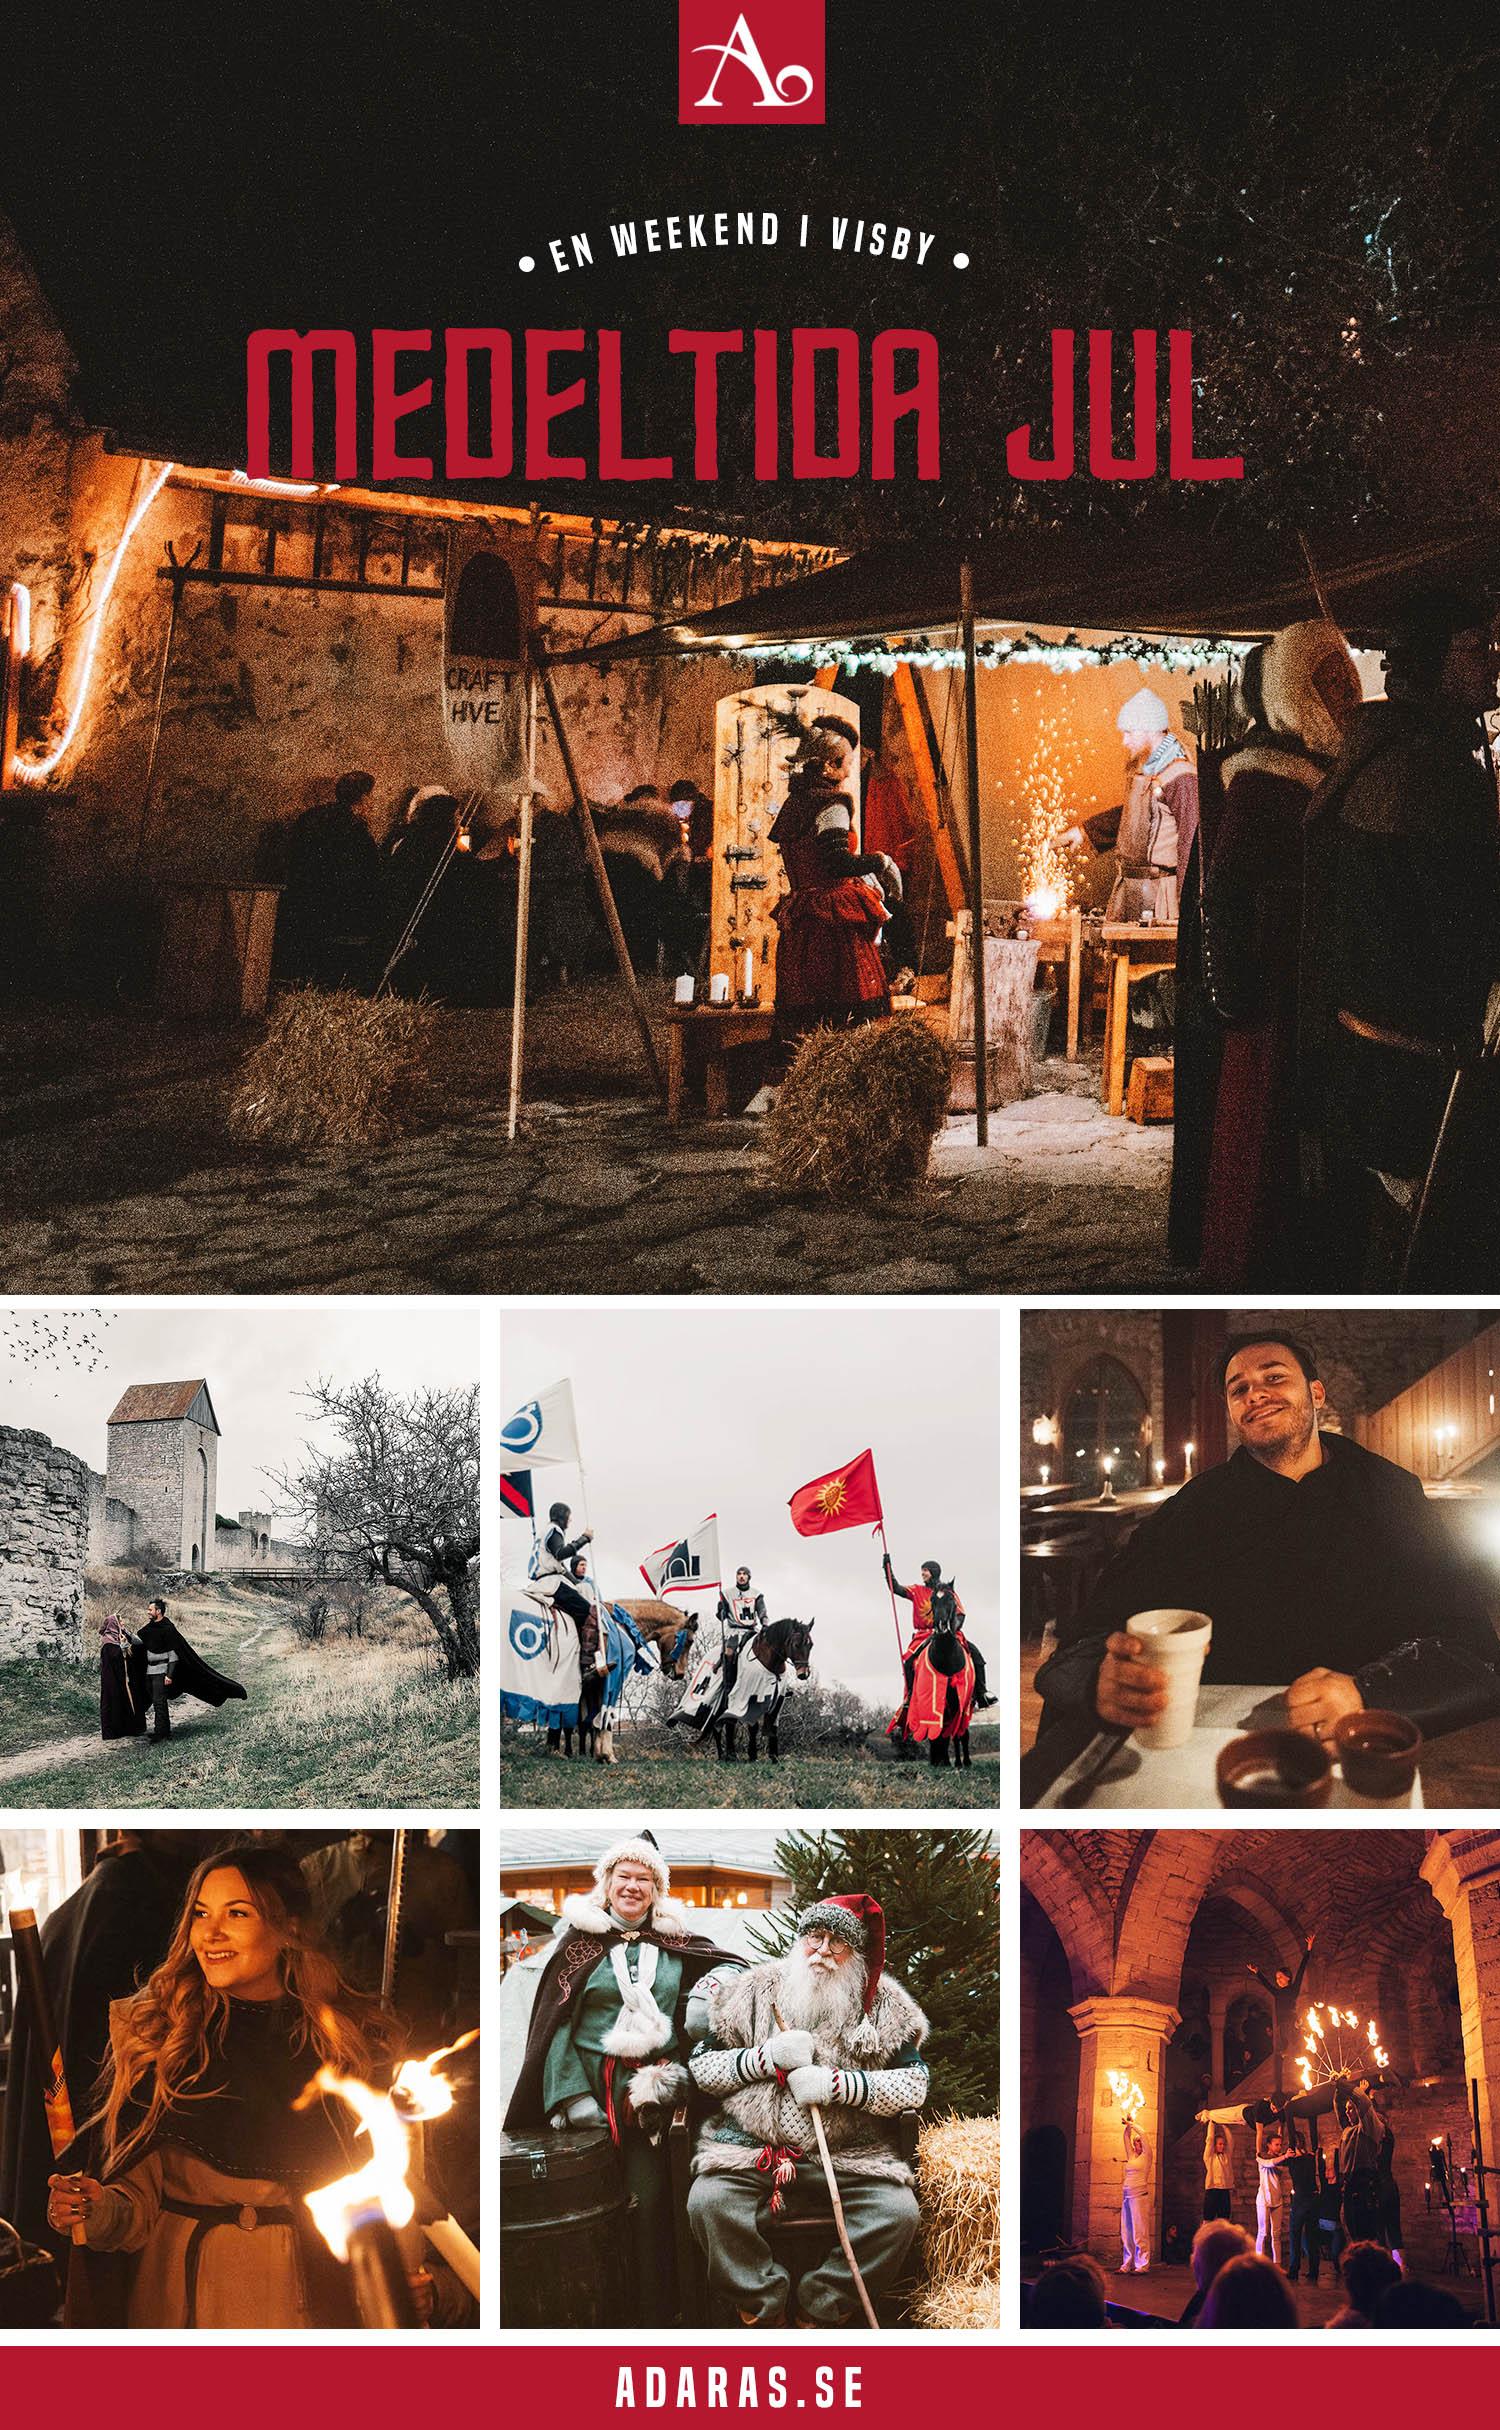 Medeltida Jul: Bilder från årets mysigaste helg i Visby